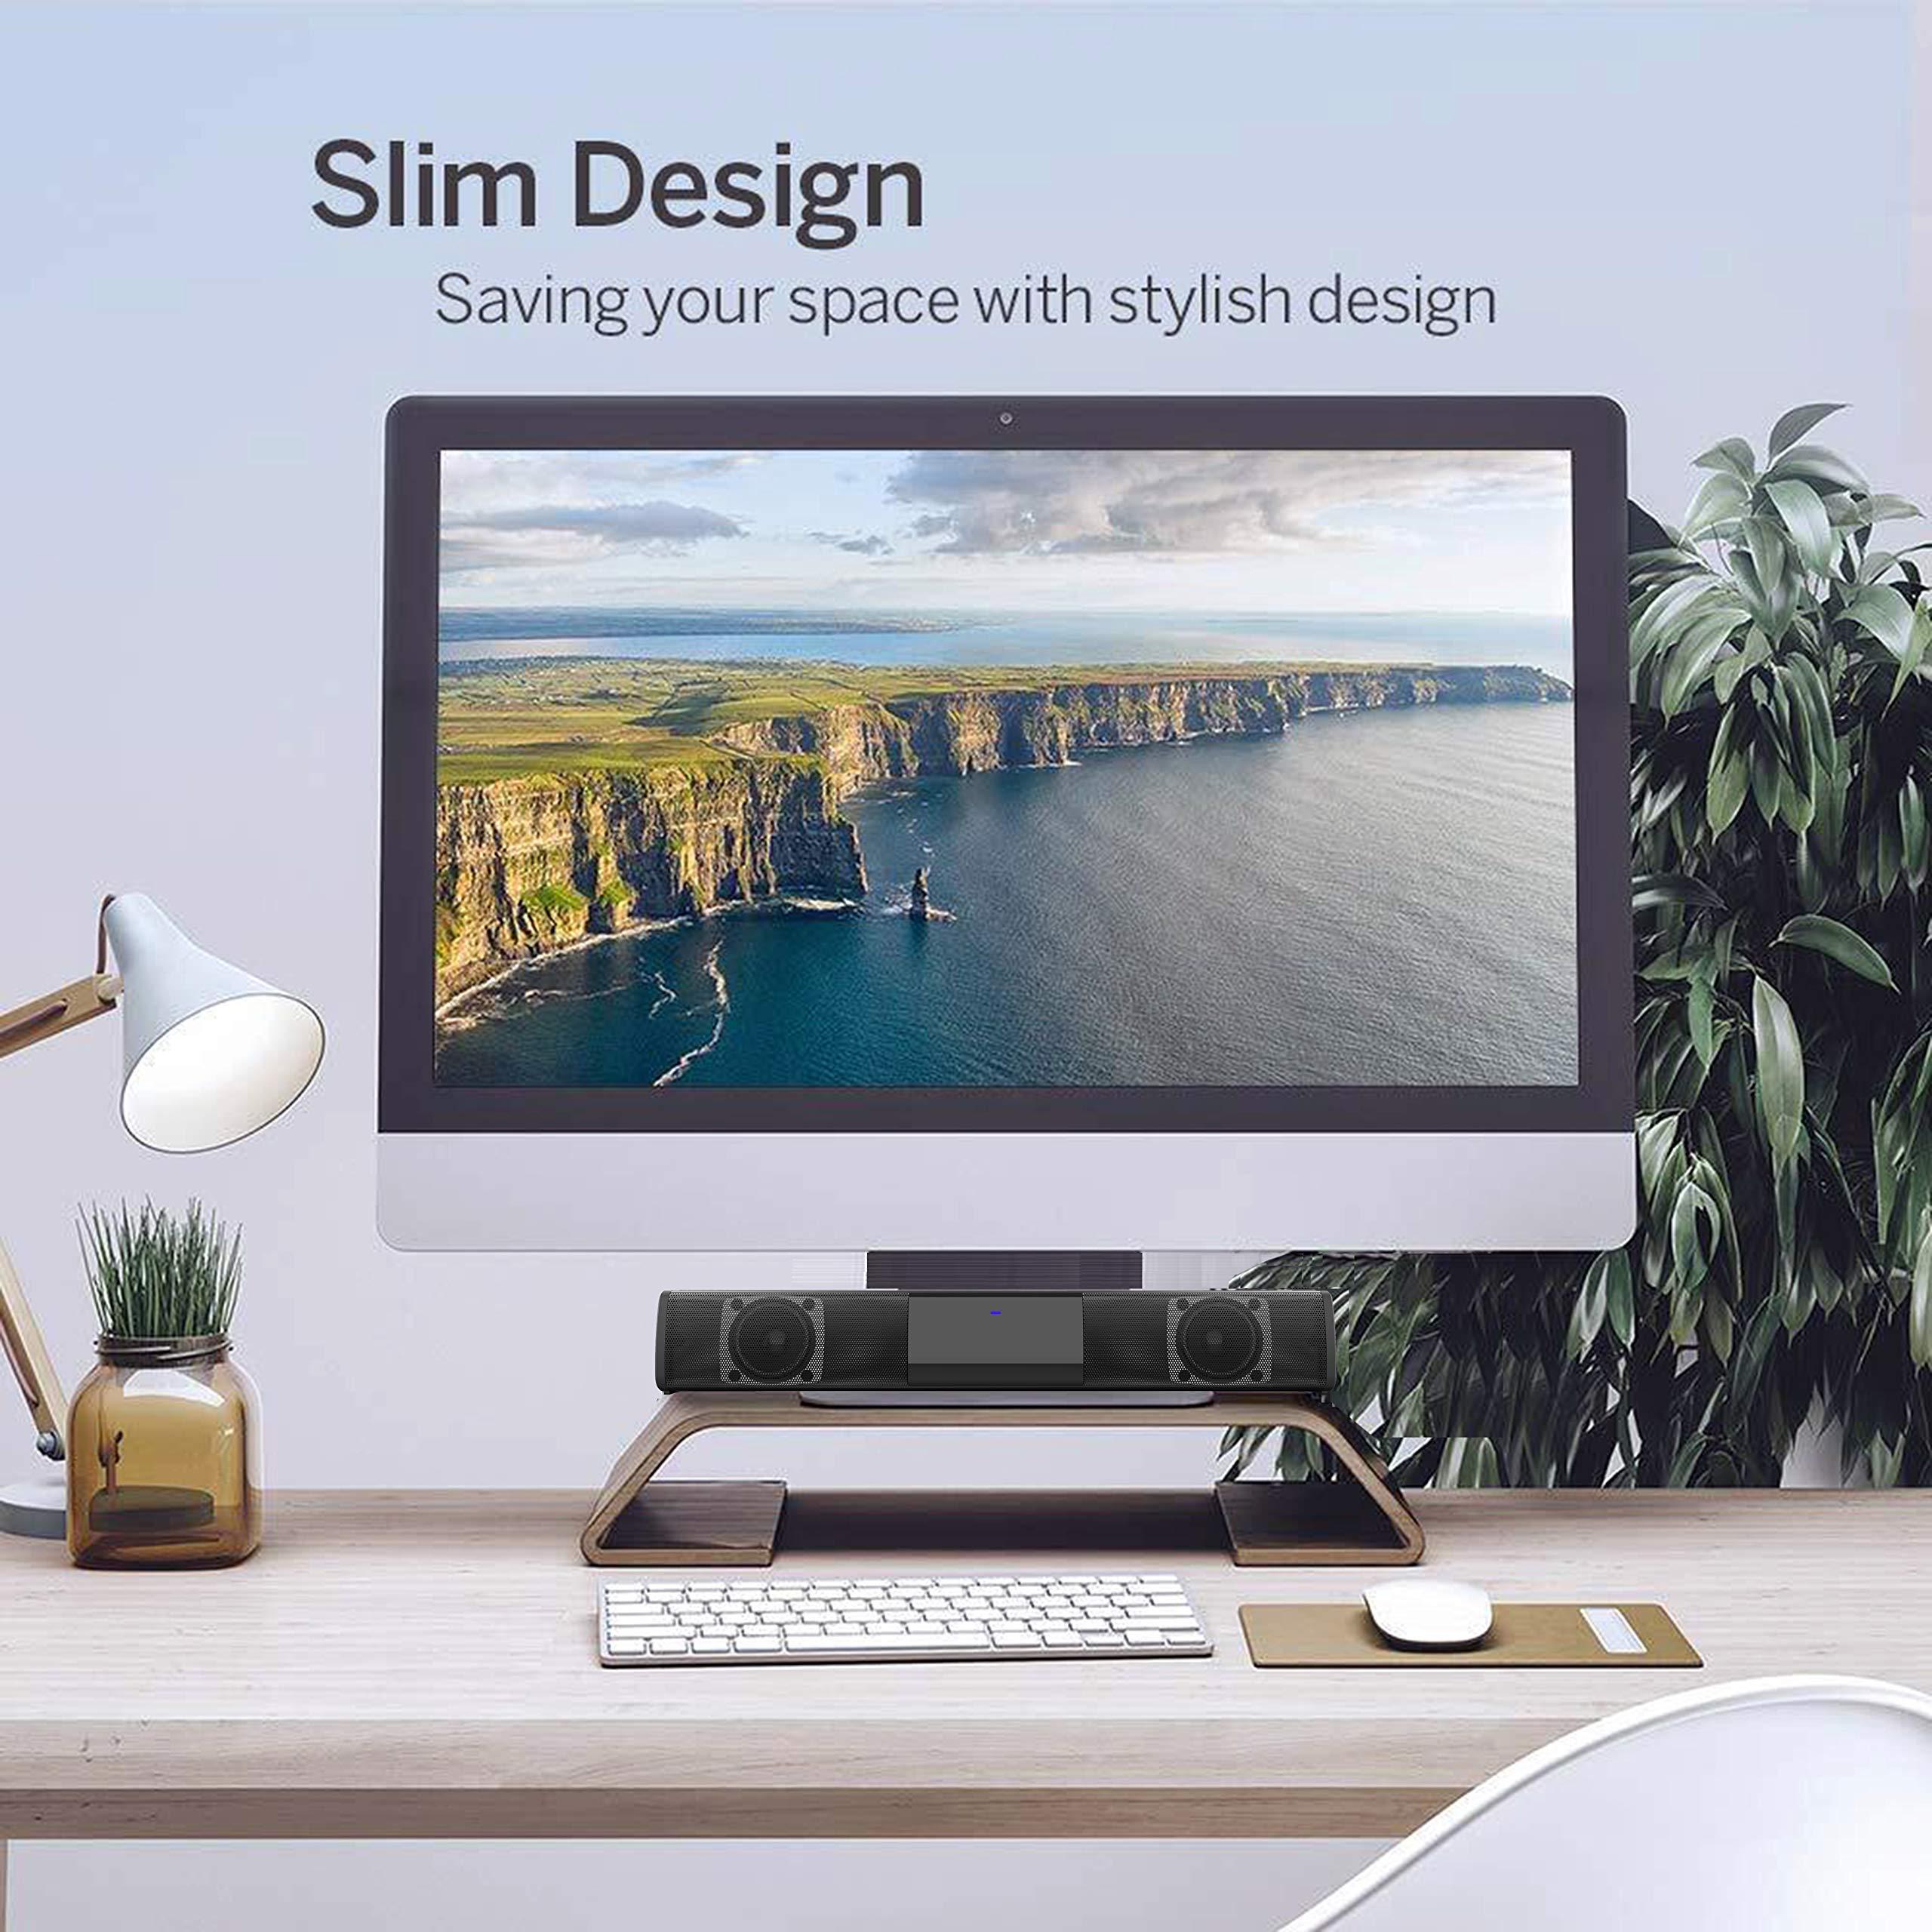 Mini altavoces de barra de sonido para TV, computadora de escritorio, portátil, PC, teléfono móvil, proyector y tableta, barras de sonido Bluetooth, conexión AUX RCA inalámbrica, Bluetooth, portátil, elegante y compacto, barra